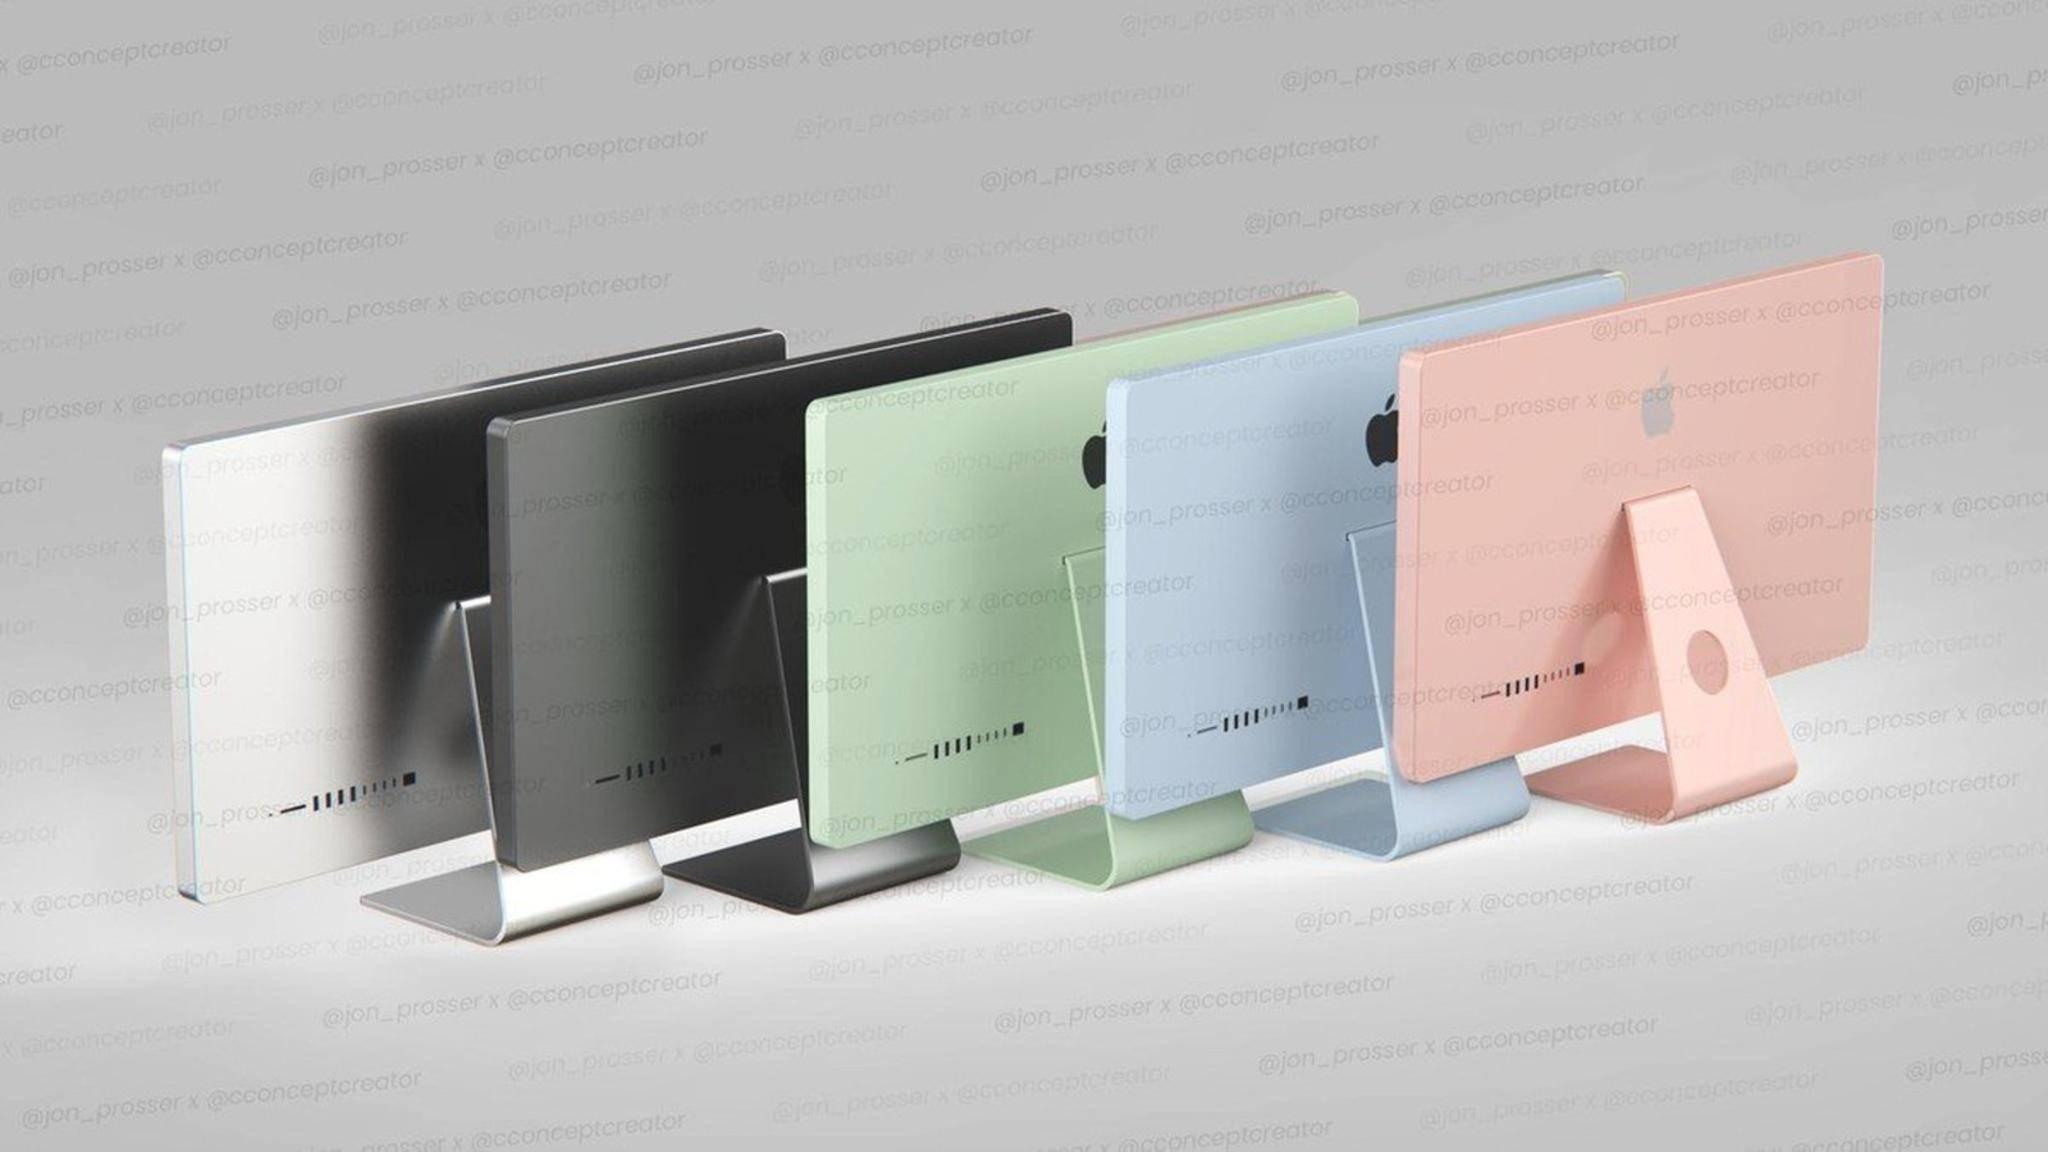 Farbenfroh: Die neuen iMacs könnten in den Farben des iPad Air erscheinen.